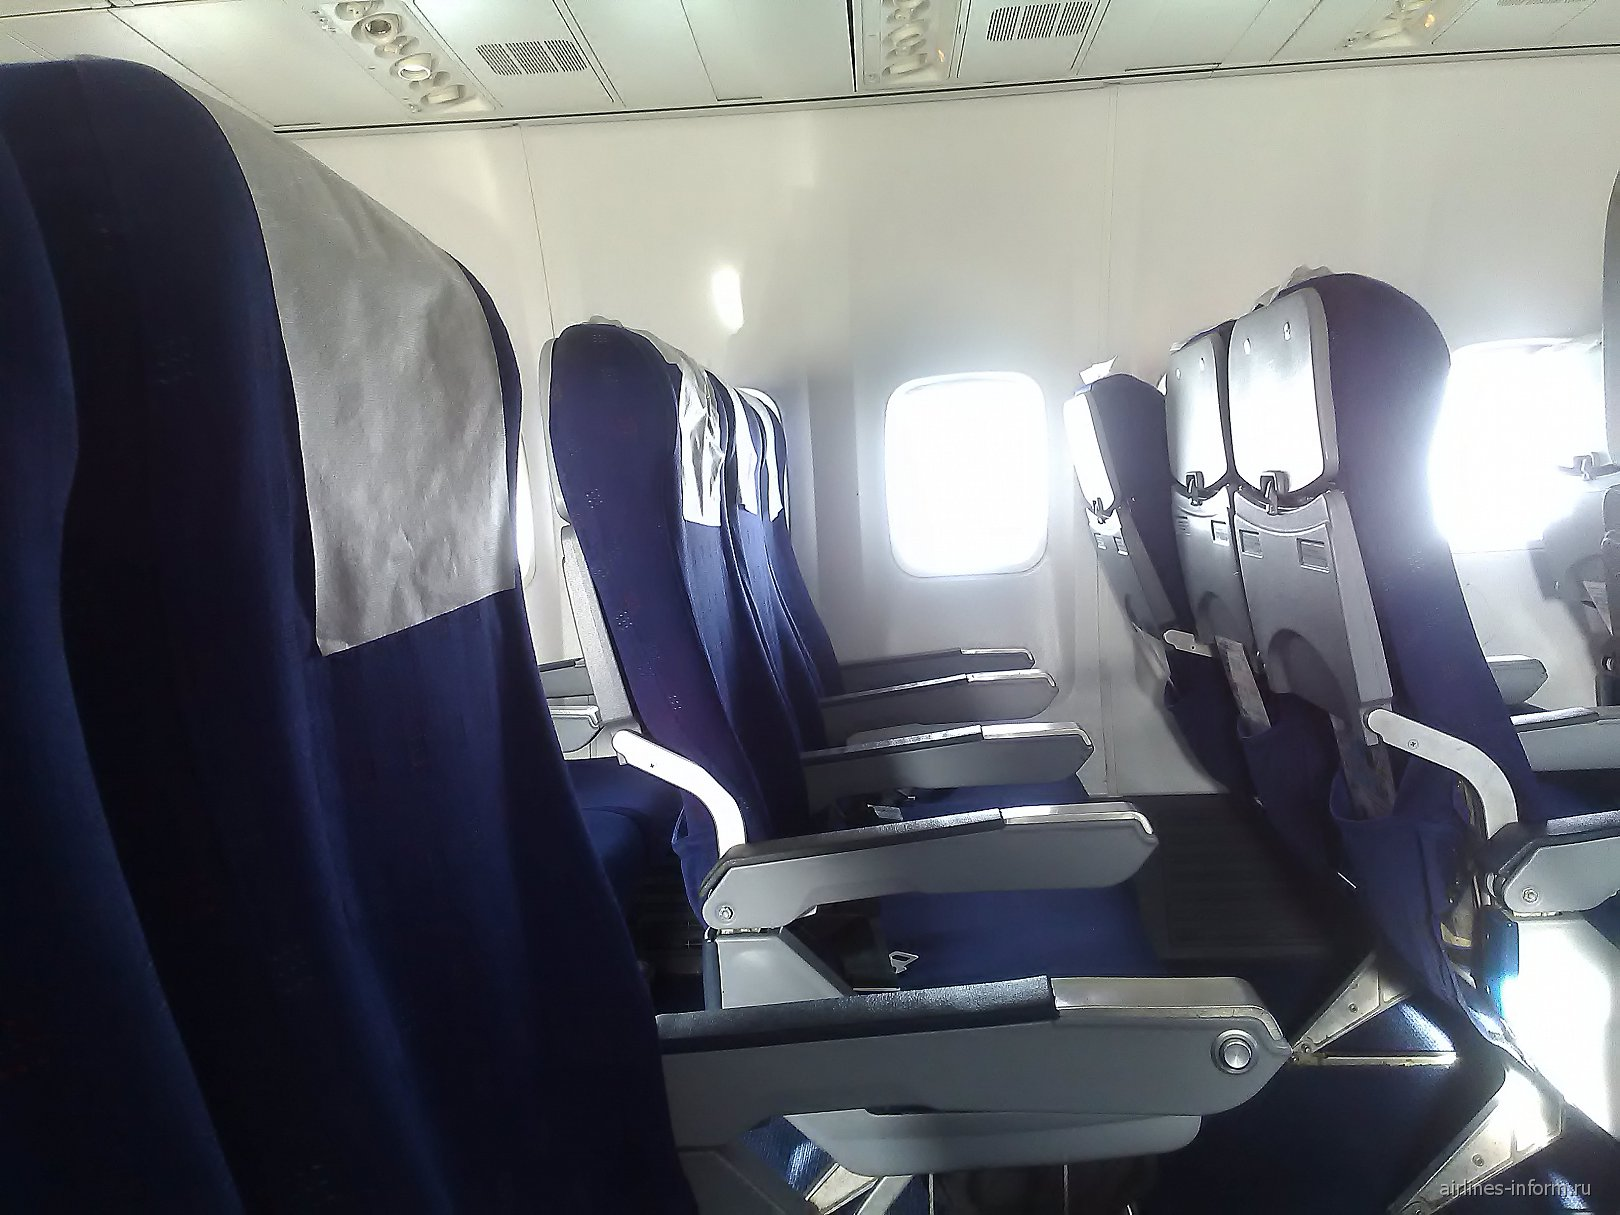 Пассажирские кресла в самолете Боинг-737-800 Оренбургских авиалиний